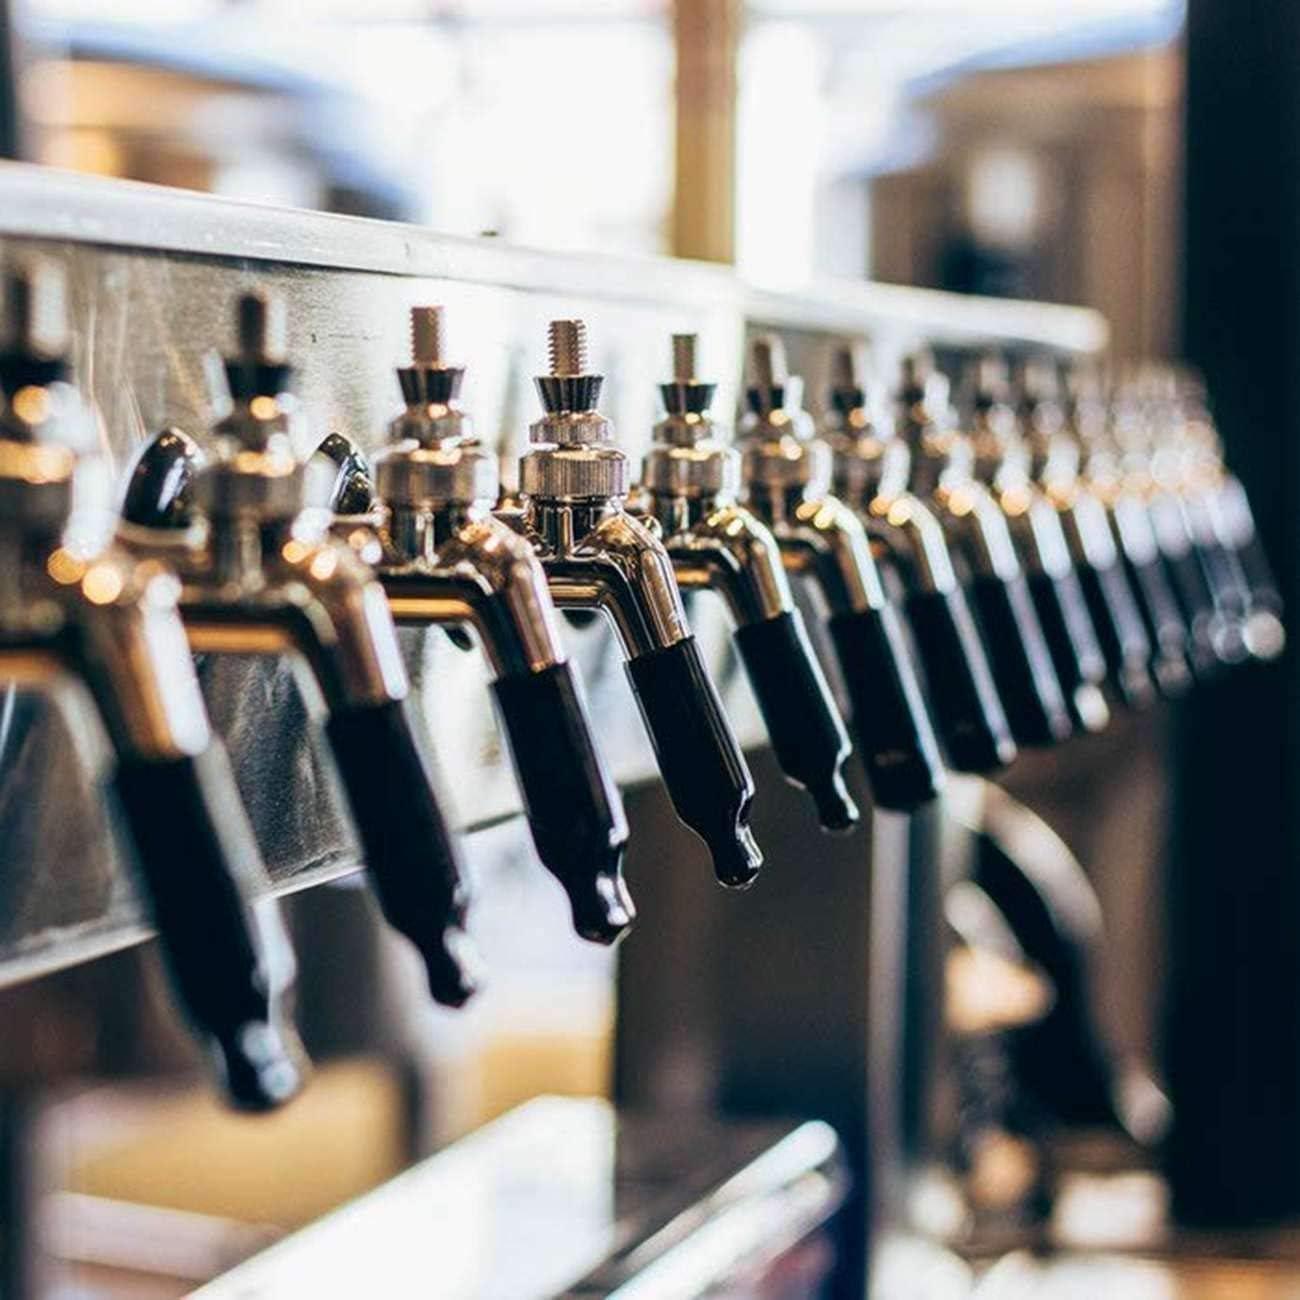 REFURBISHHOUSE 12 Pcs Draft Beer Faucet Plug Cap Sanitary Faucet Keg Cap Rubber Tap Cover